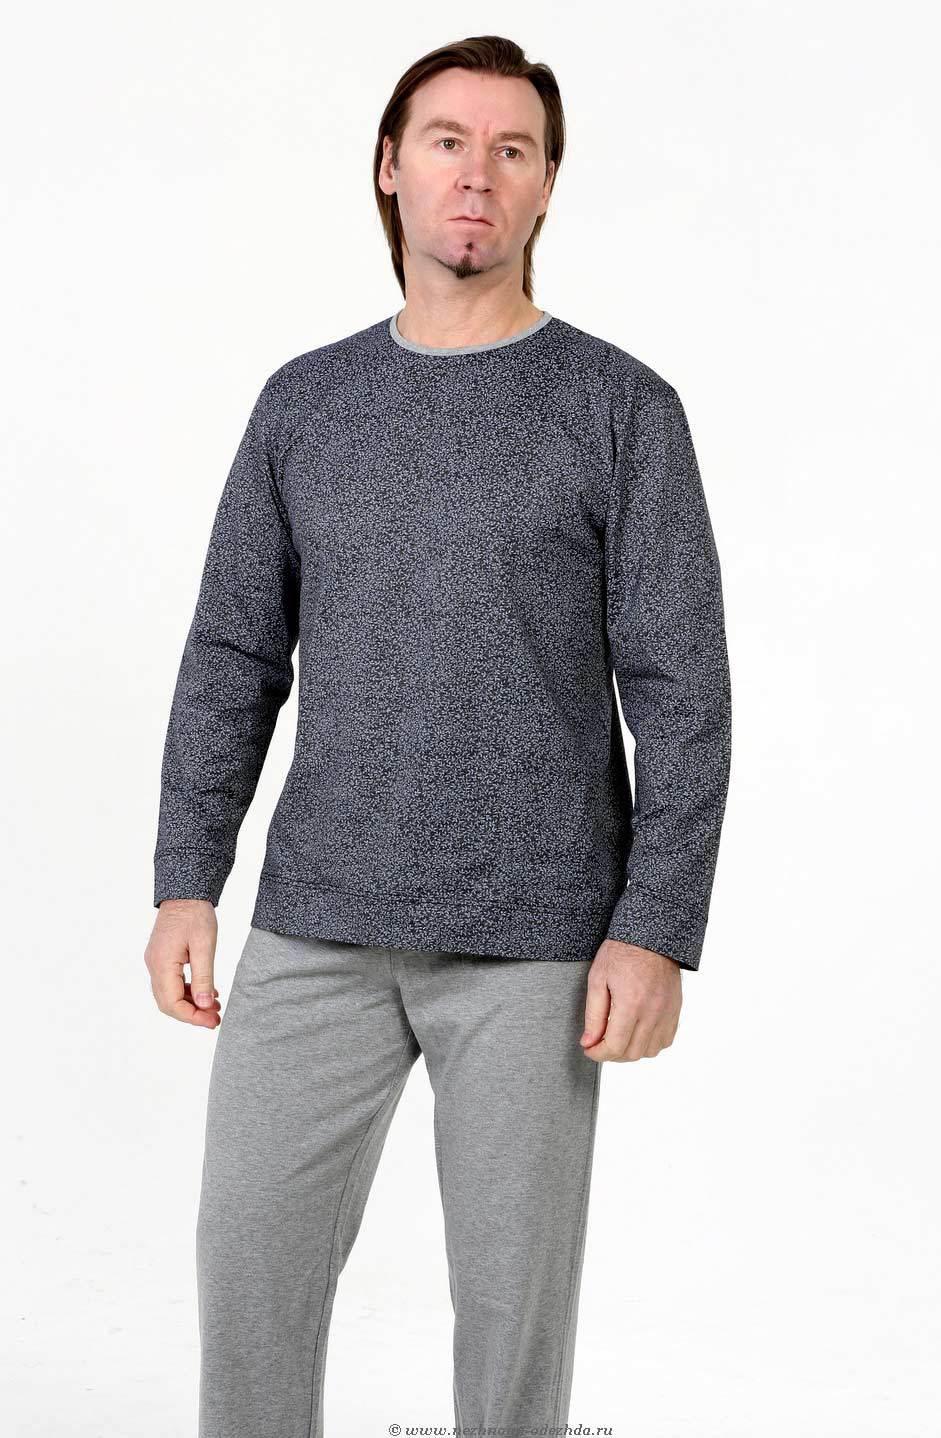 Одежда Для Дома Купить